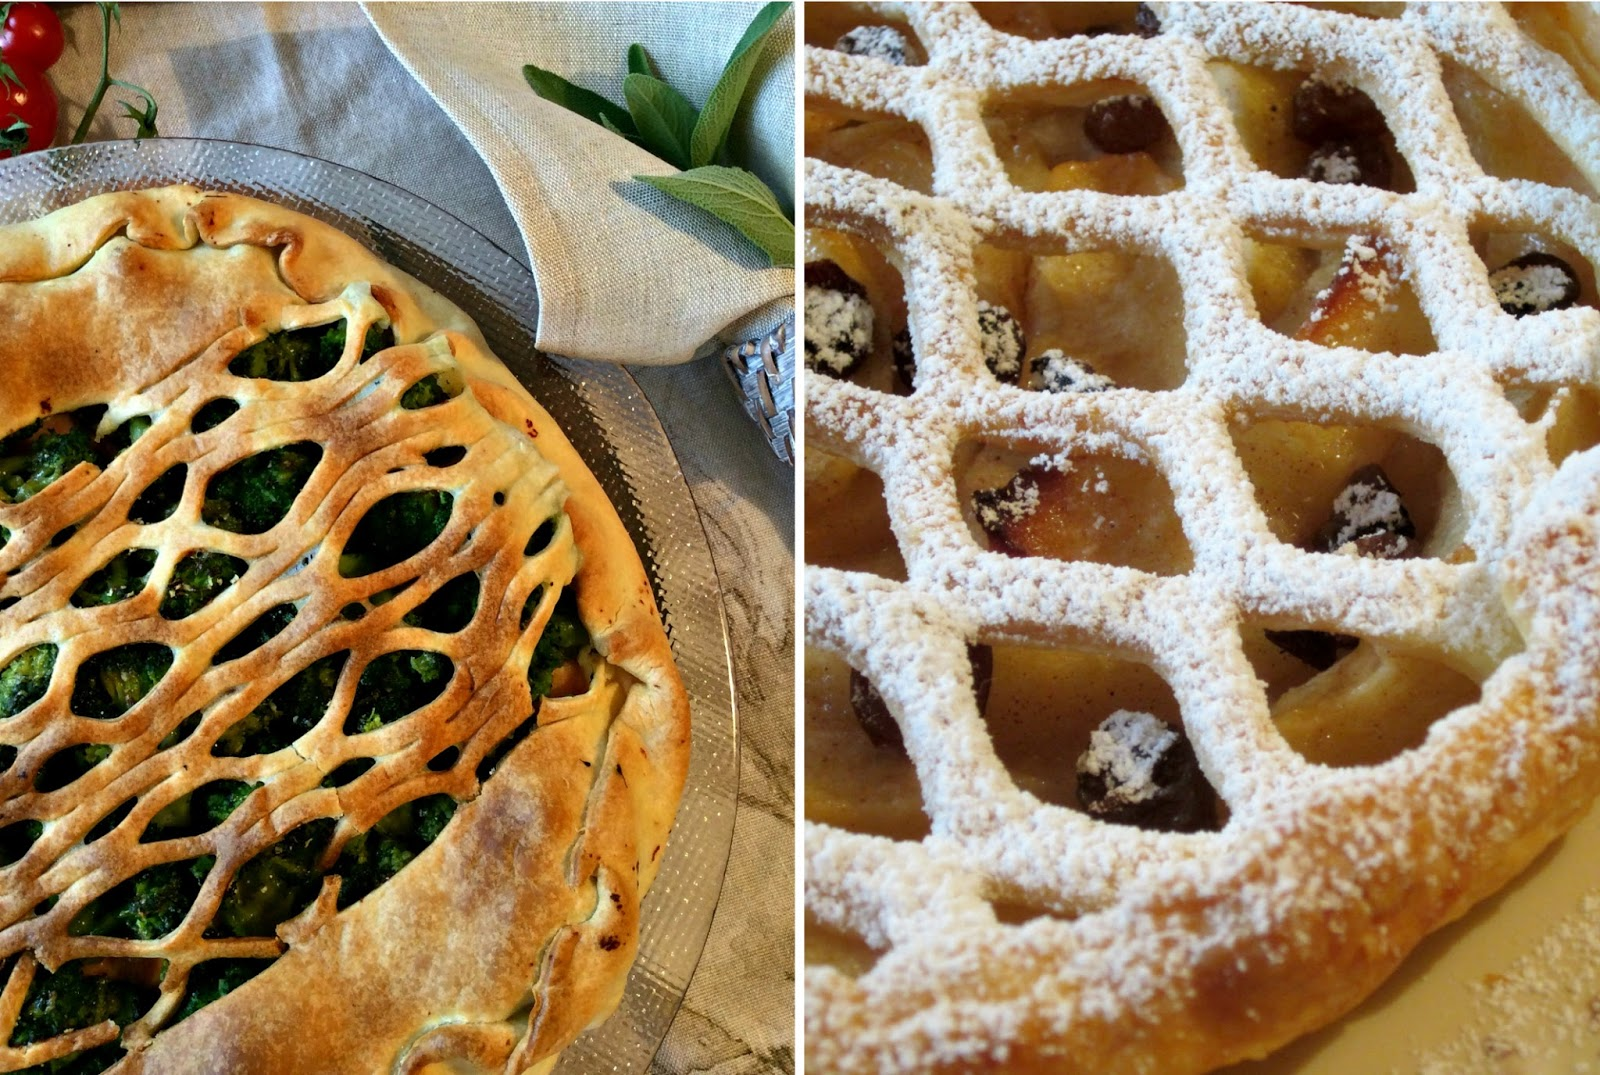 Decorazioni Torte Salate : Rullo per decorare a rete la pasta sfoglia per torte dolci e salate